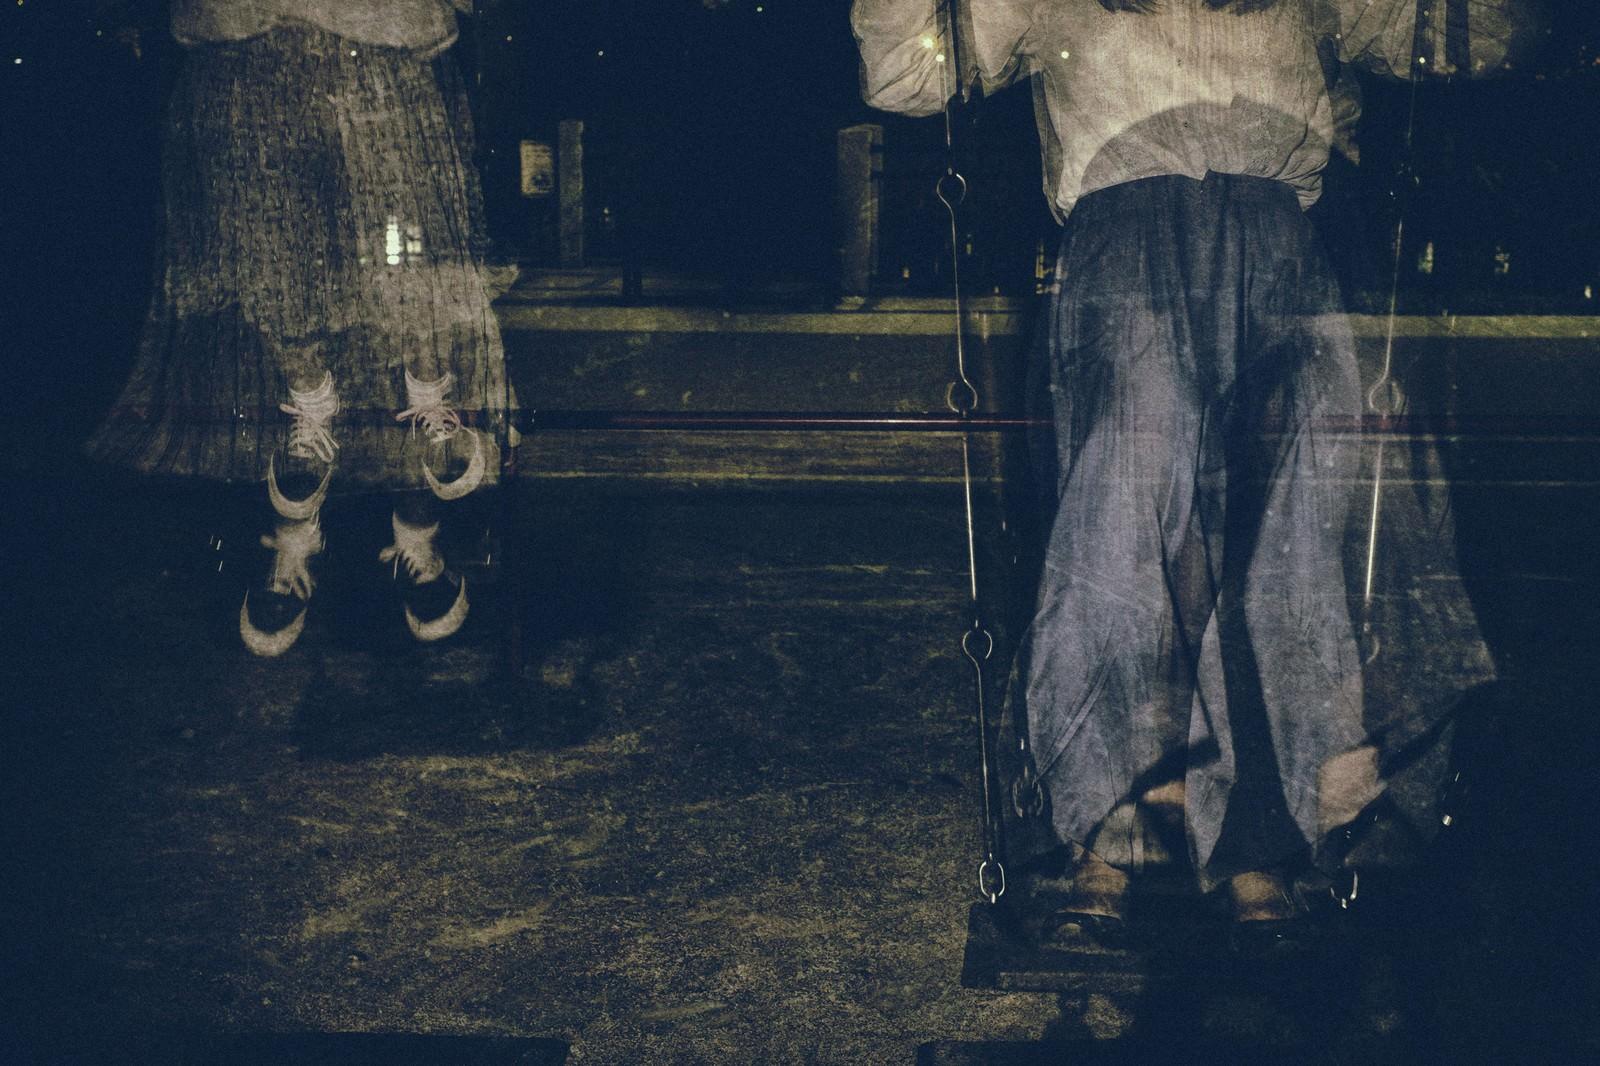 「残像とブランコ | 写真の無料素材・フリー素材 - ぱくたそ」の写真